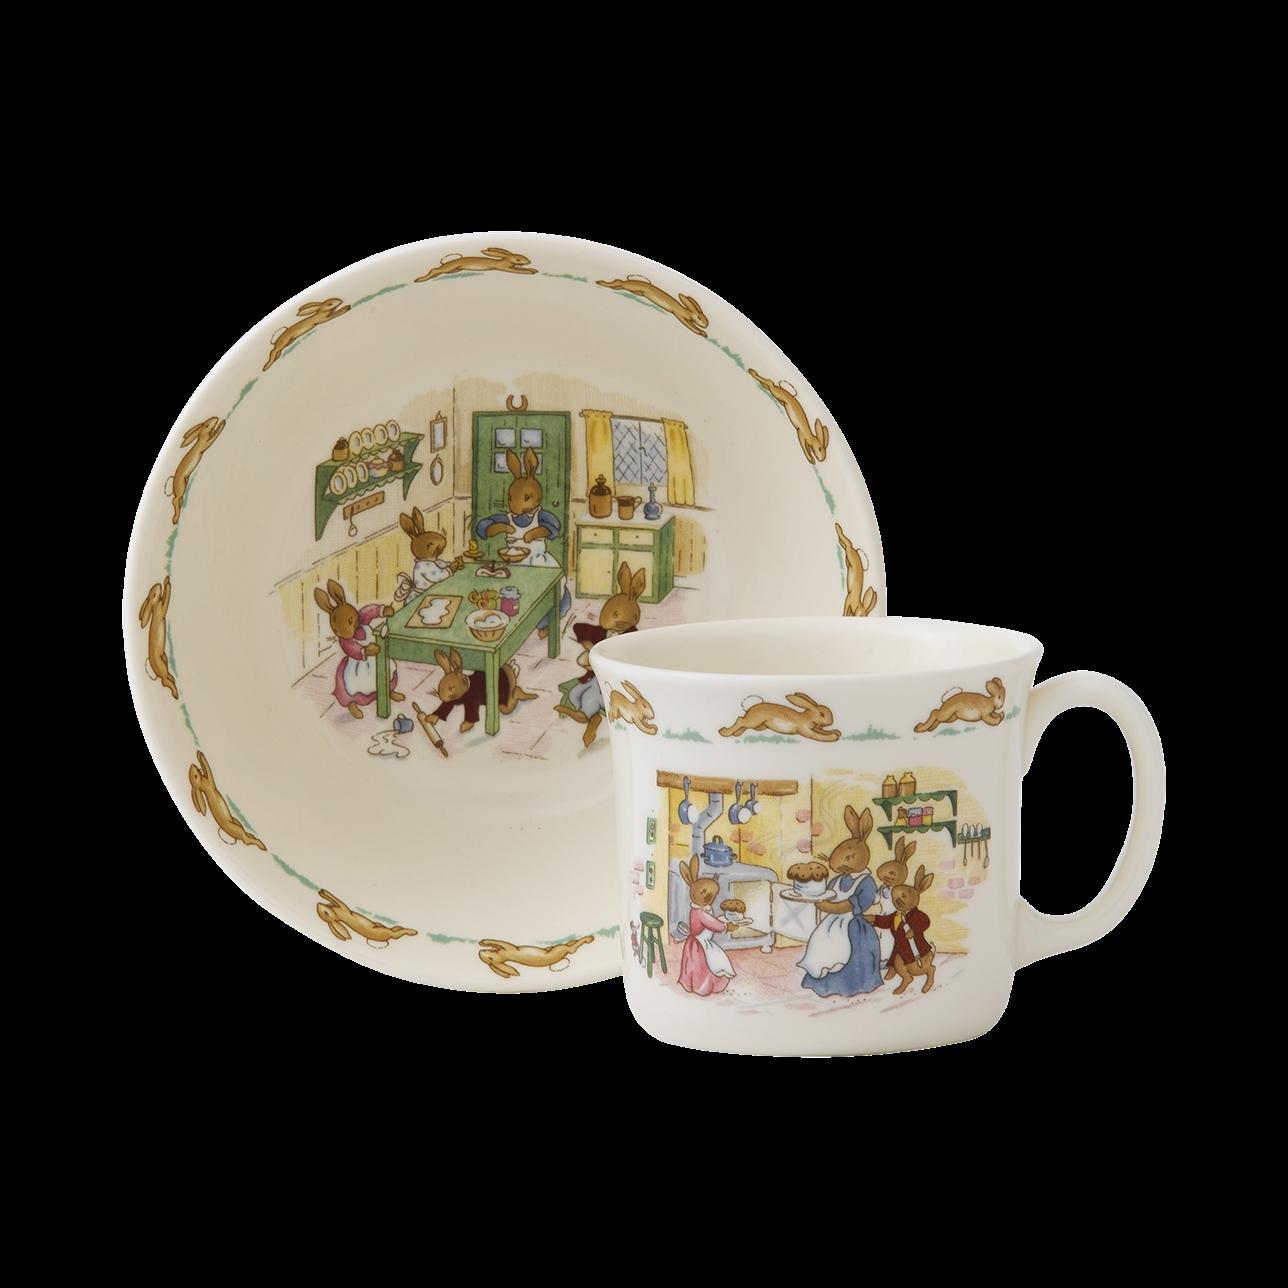 Bunnykins Infant Set: Cereal Bowl and 1 Handled Hug-a-Mug